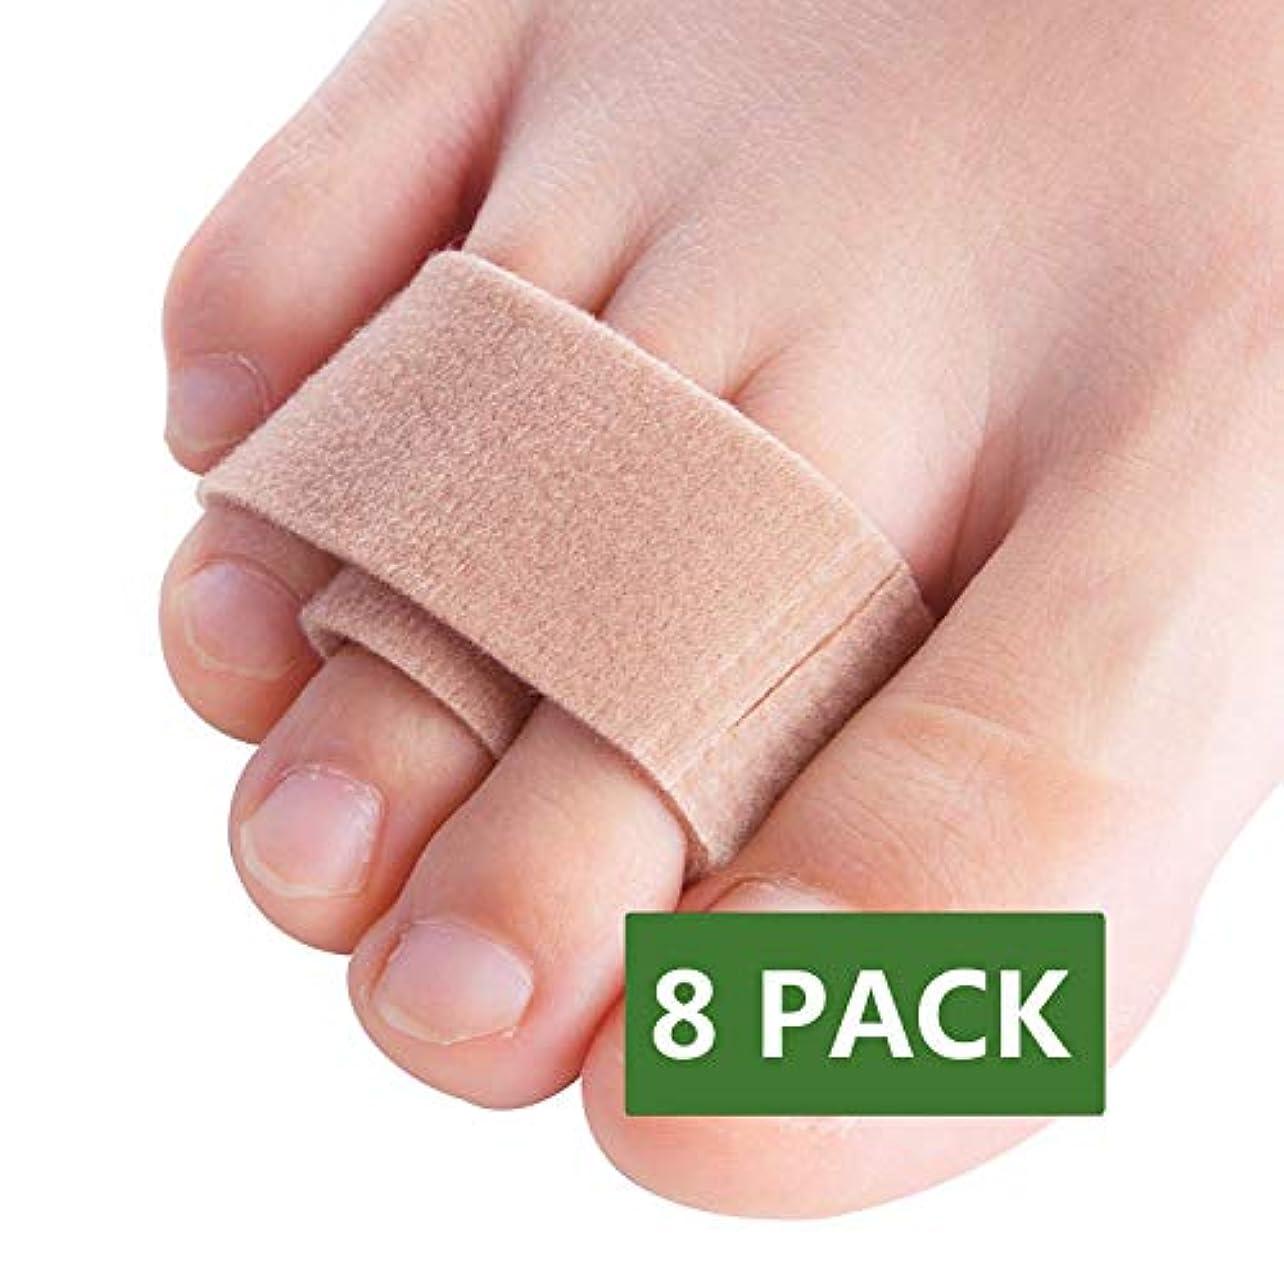 義務付けられたインシデント業界Povihome ハンマーつま先矯正テープ、つま先がスプリントを包んでハンマーのつま先を再調整8パック、重ねた足の指と曲がった足の指